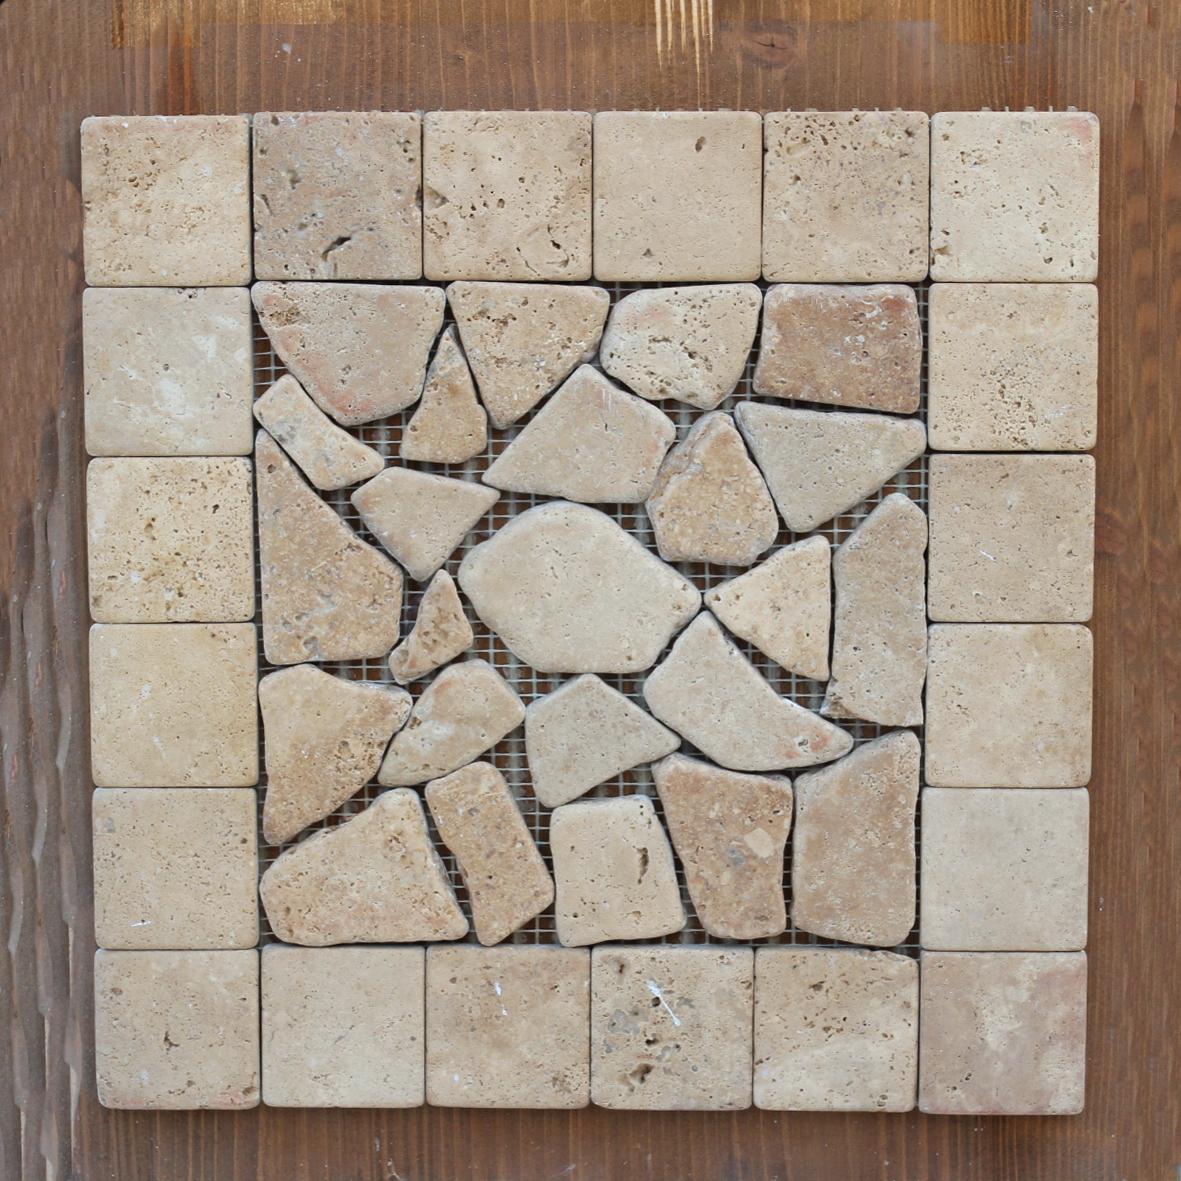 Immagini mattonelle invecchiate per esterni carrabili o for Mattonelle per pareti